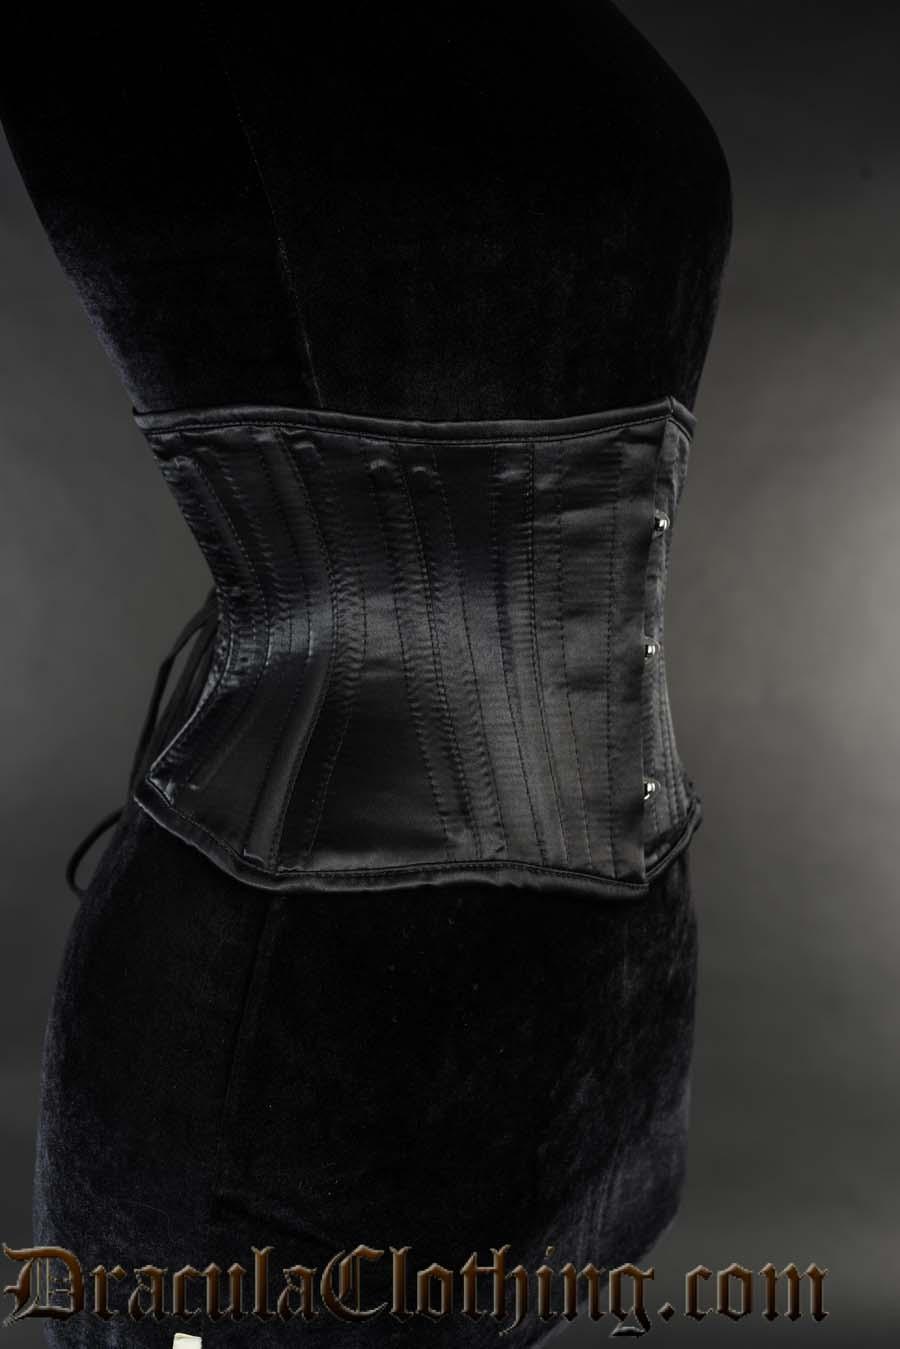 Black Satin Extreme Waist Cincher